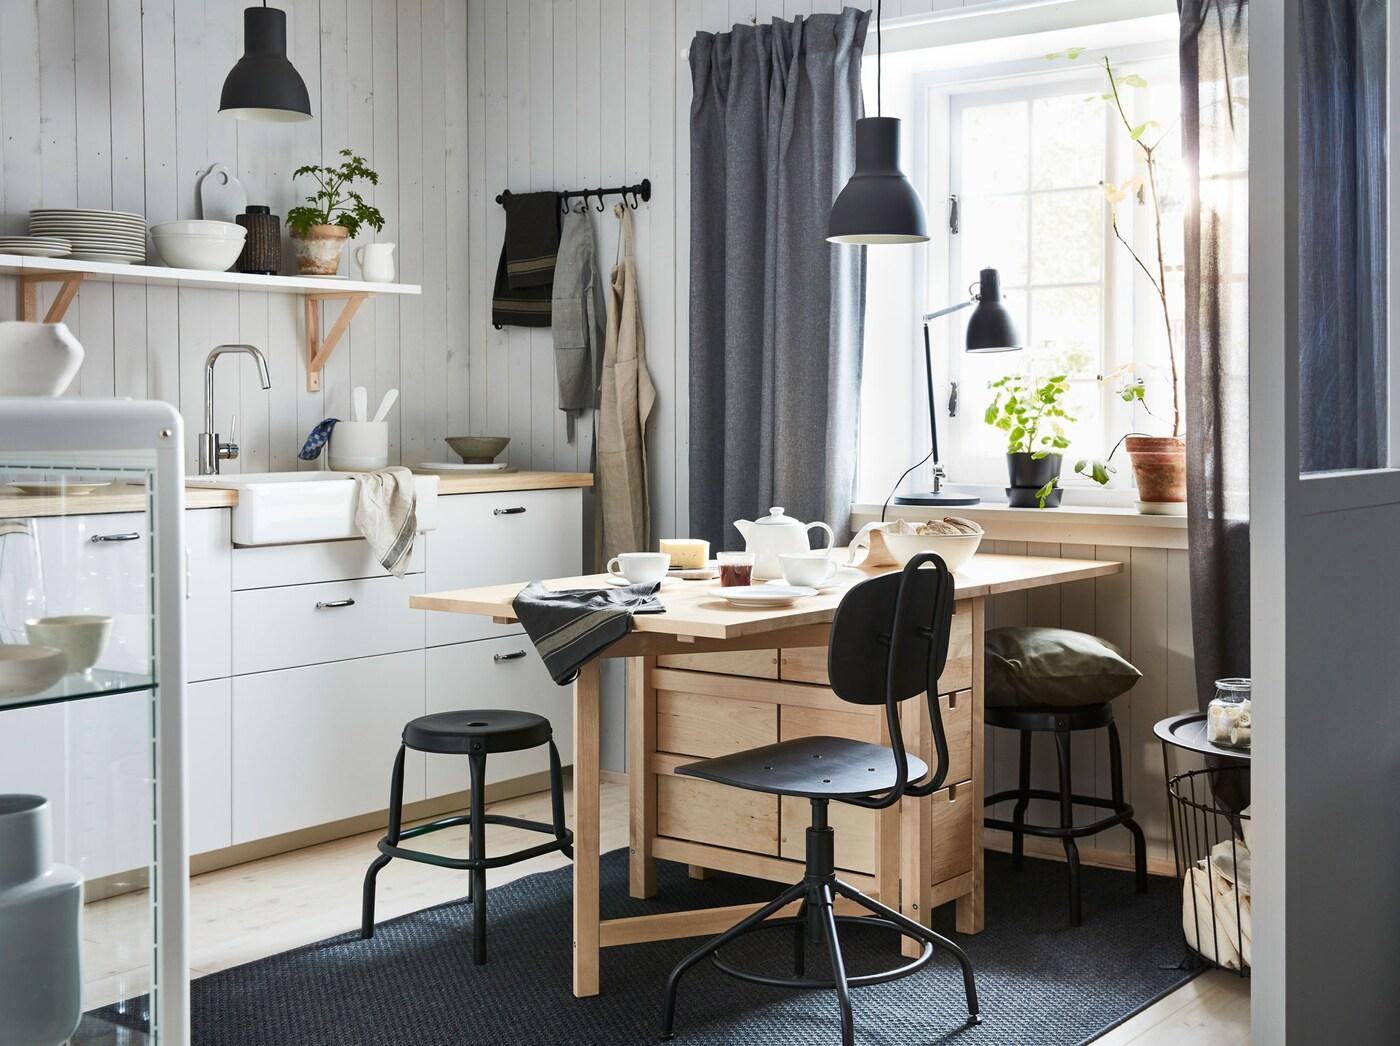 Encontre um espaço de refeição que se adapte a si. A mesa extensível NORDEN dá-lhe liberdade para se dedicar aos seus passatempos e para jantar na companhia dos amigos.